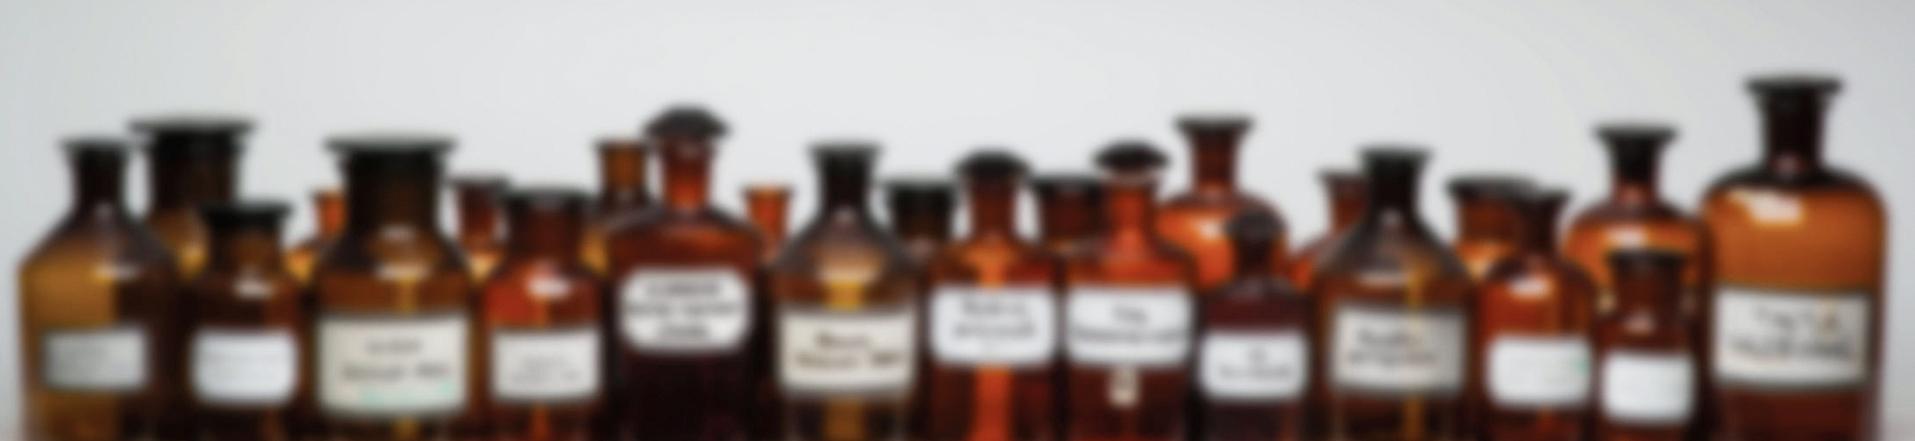 Isartal Apotheke München Flaschen Header